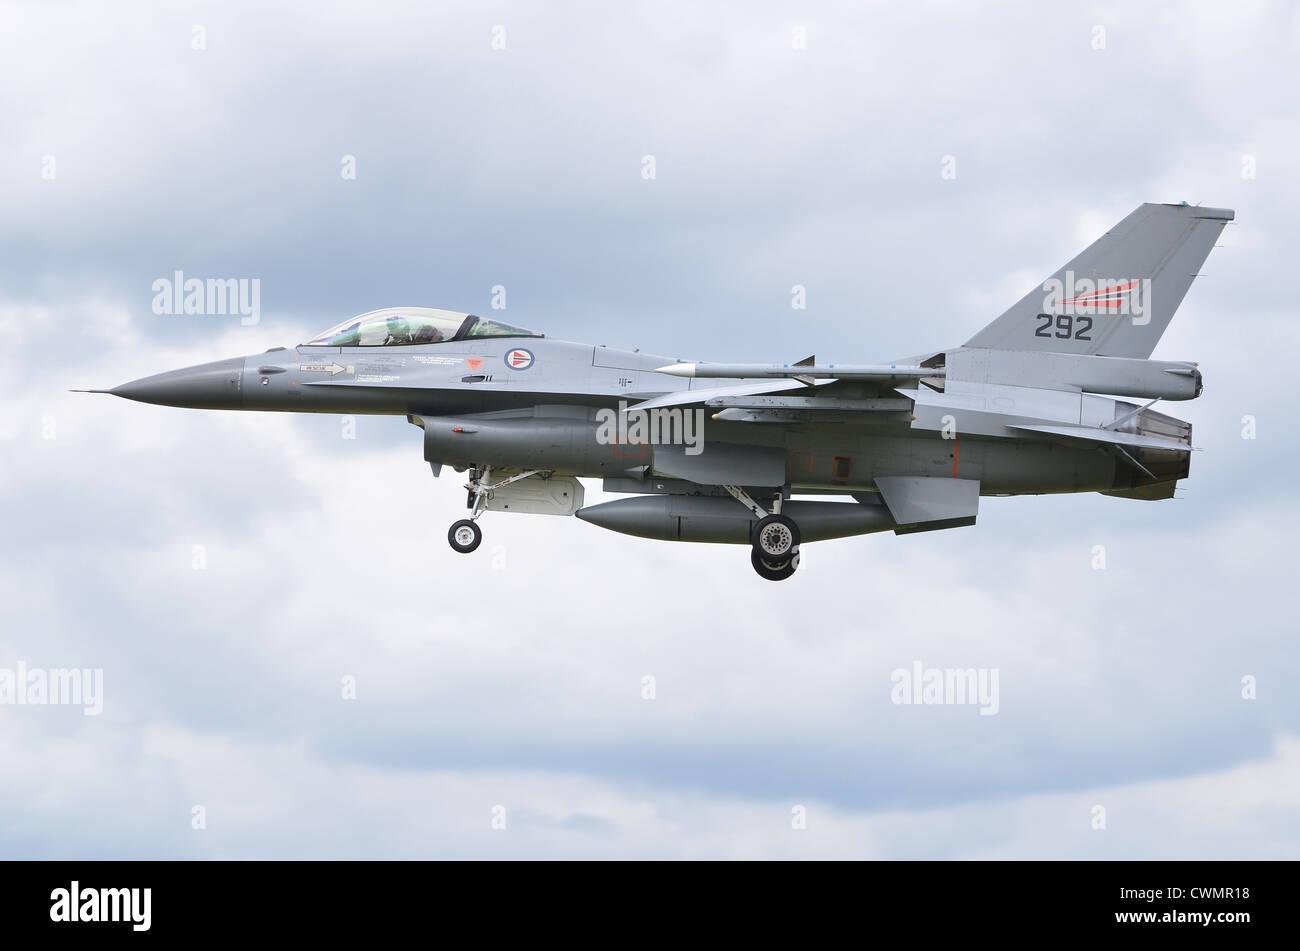 General Dynamics F-16AM Fighting Falcon exploités par l'Armée de l'air norvégienne de l'approche à l'atterrissage à RAF Fairford Banque D'Images